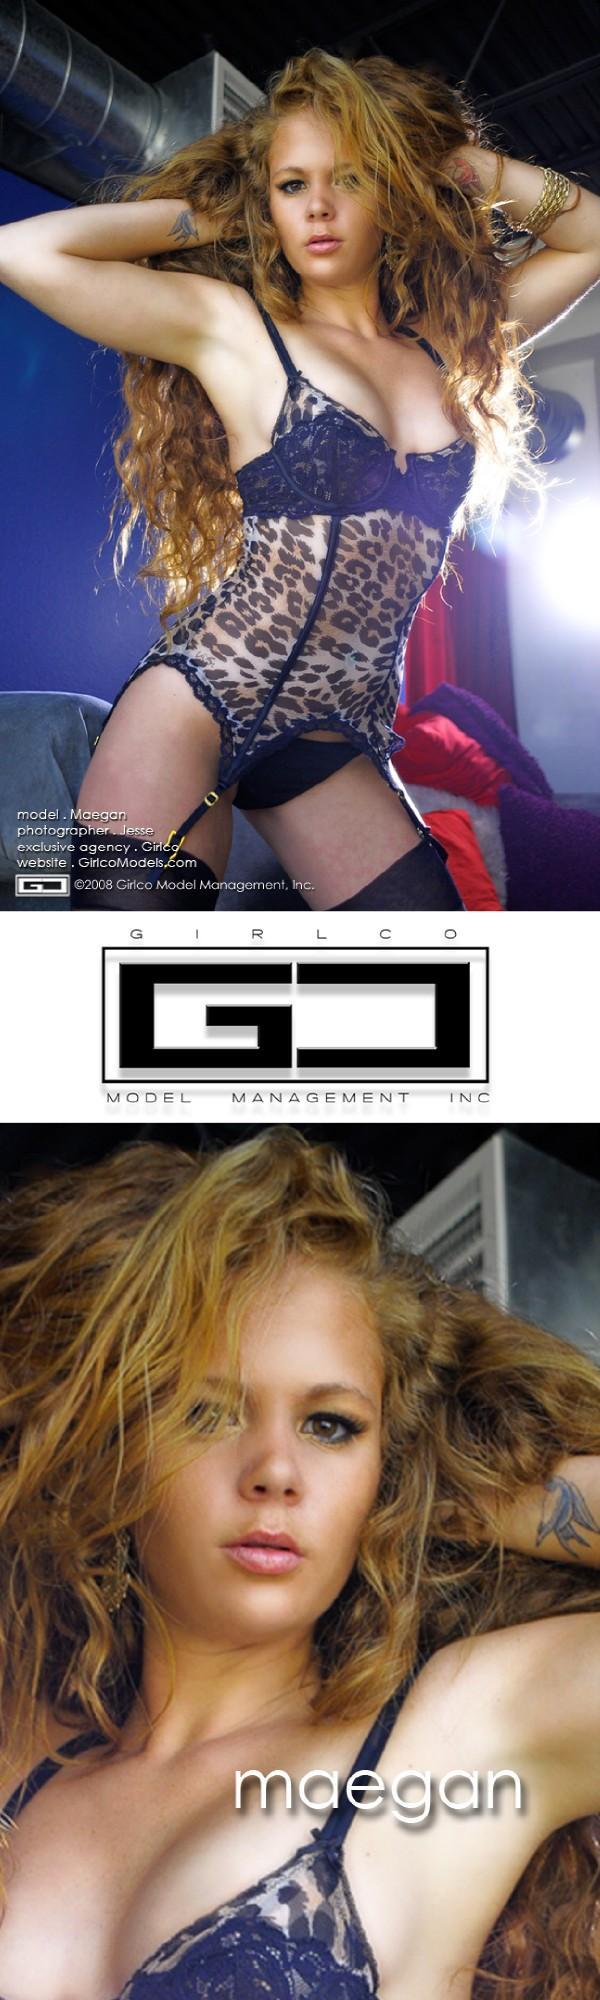 Los Colinas, TX Jun 30, 2008 GirlCo Model Management Subtle Glimpse